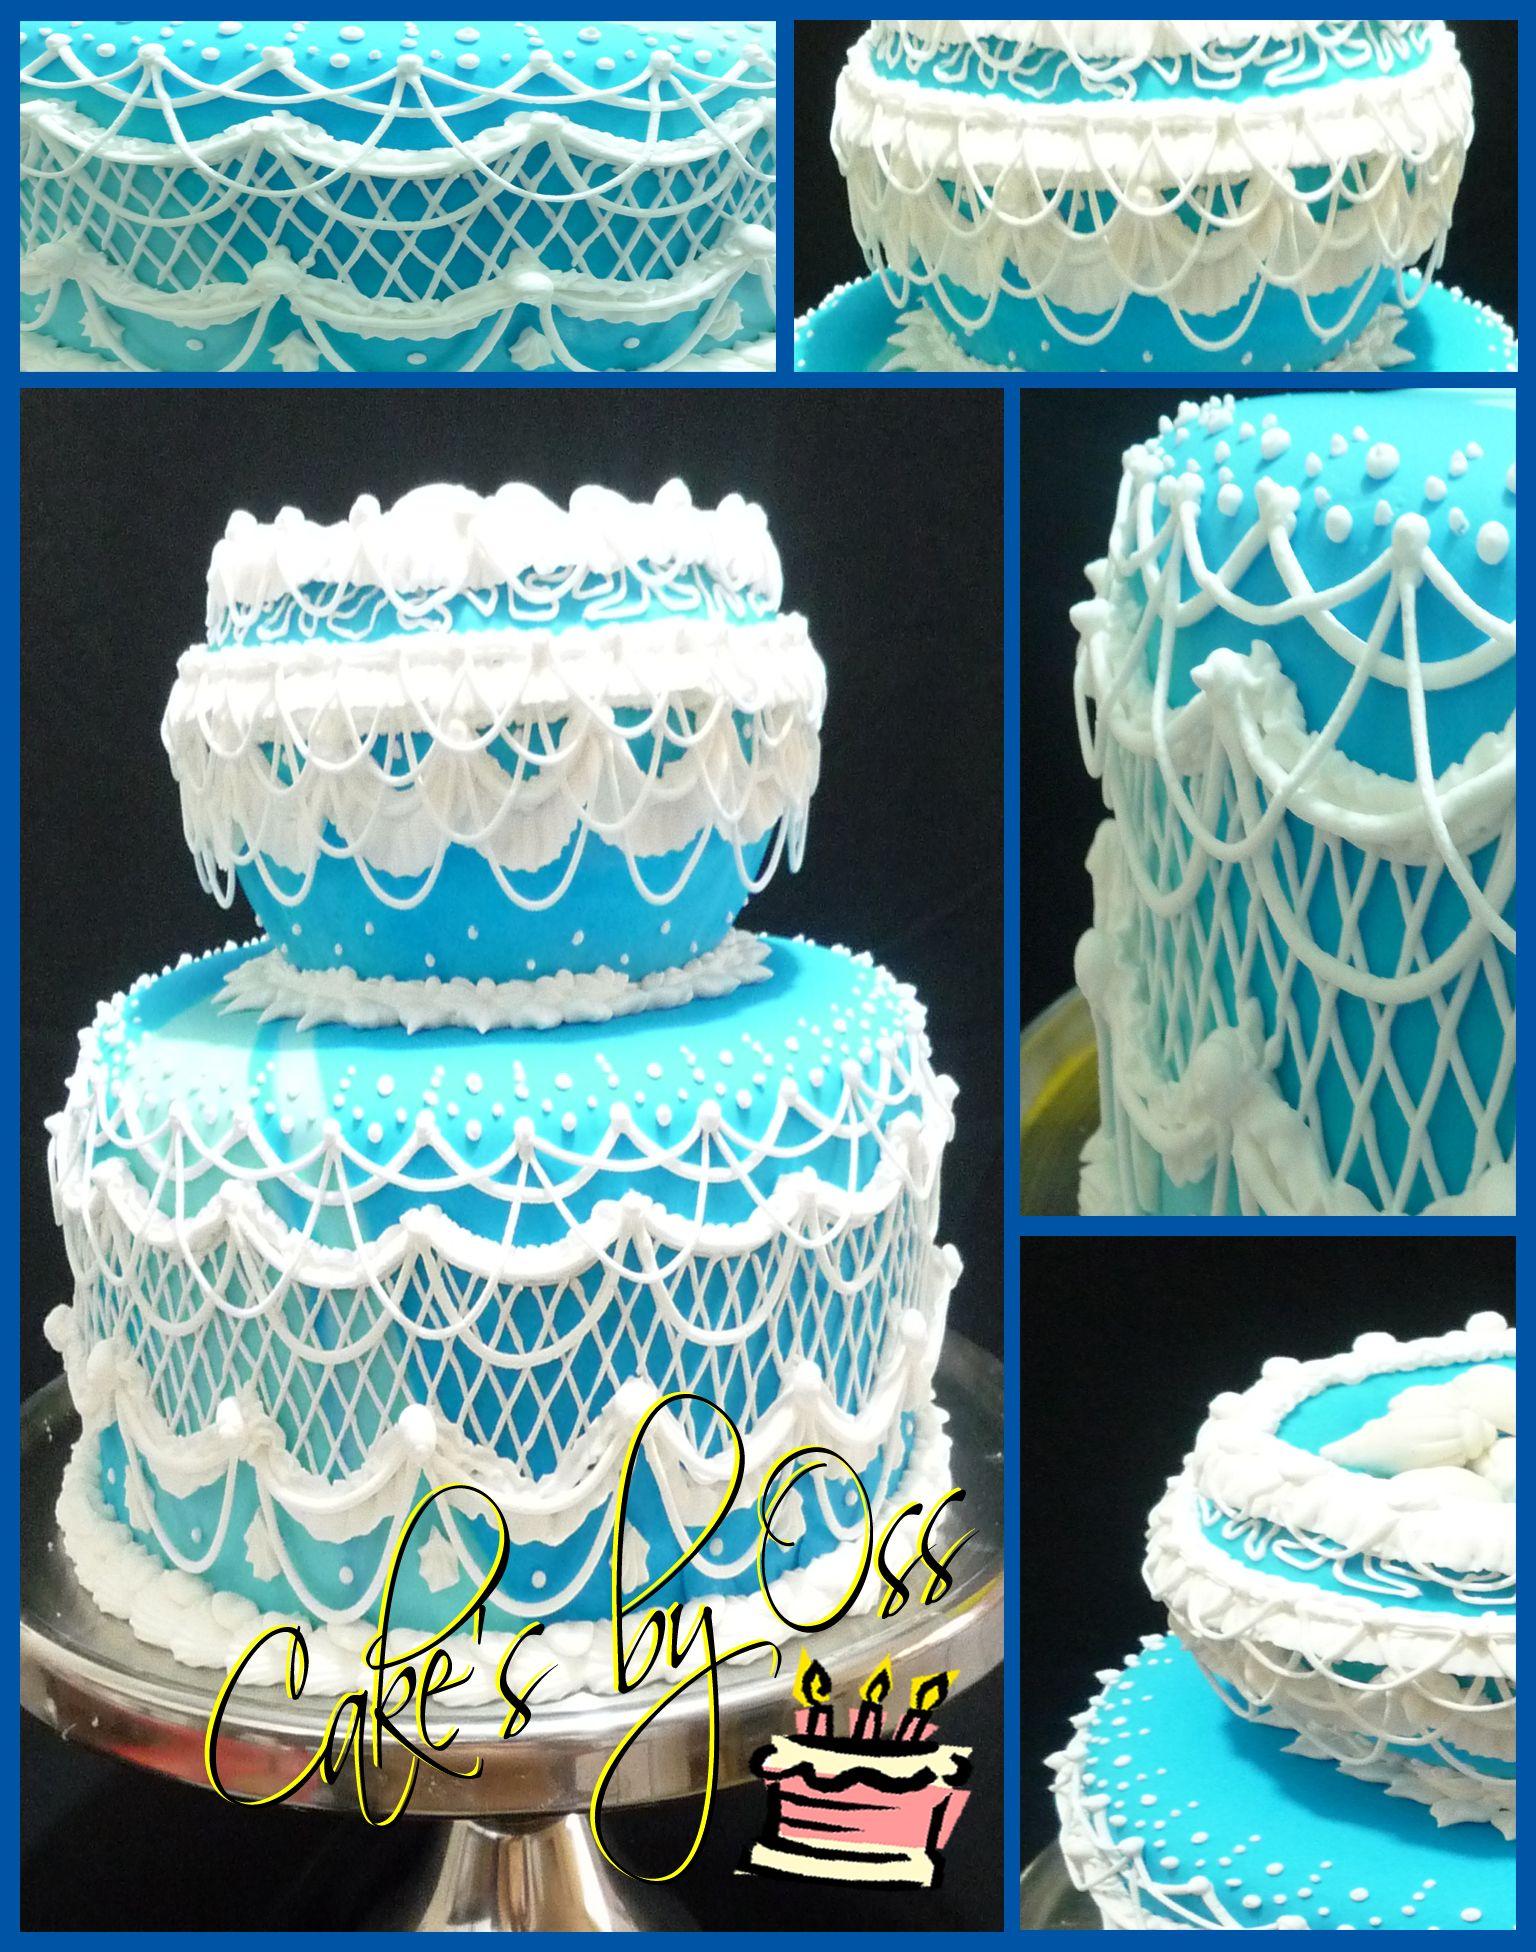 Inspiraci n griega este pastel de 2 pisos con 3 capas de for Decoracion de pisos